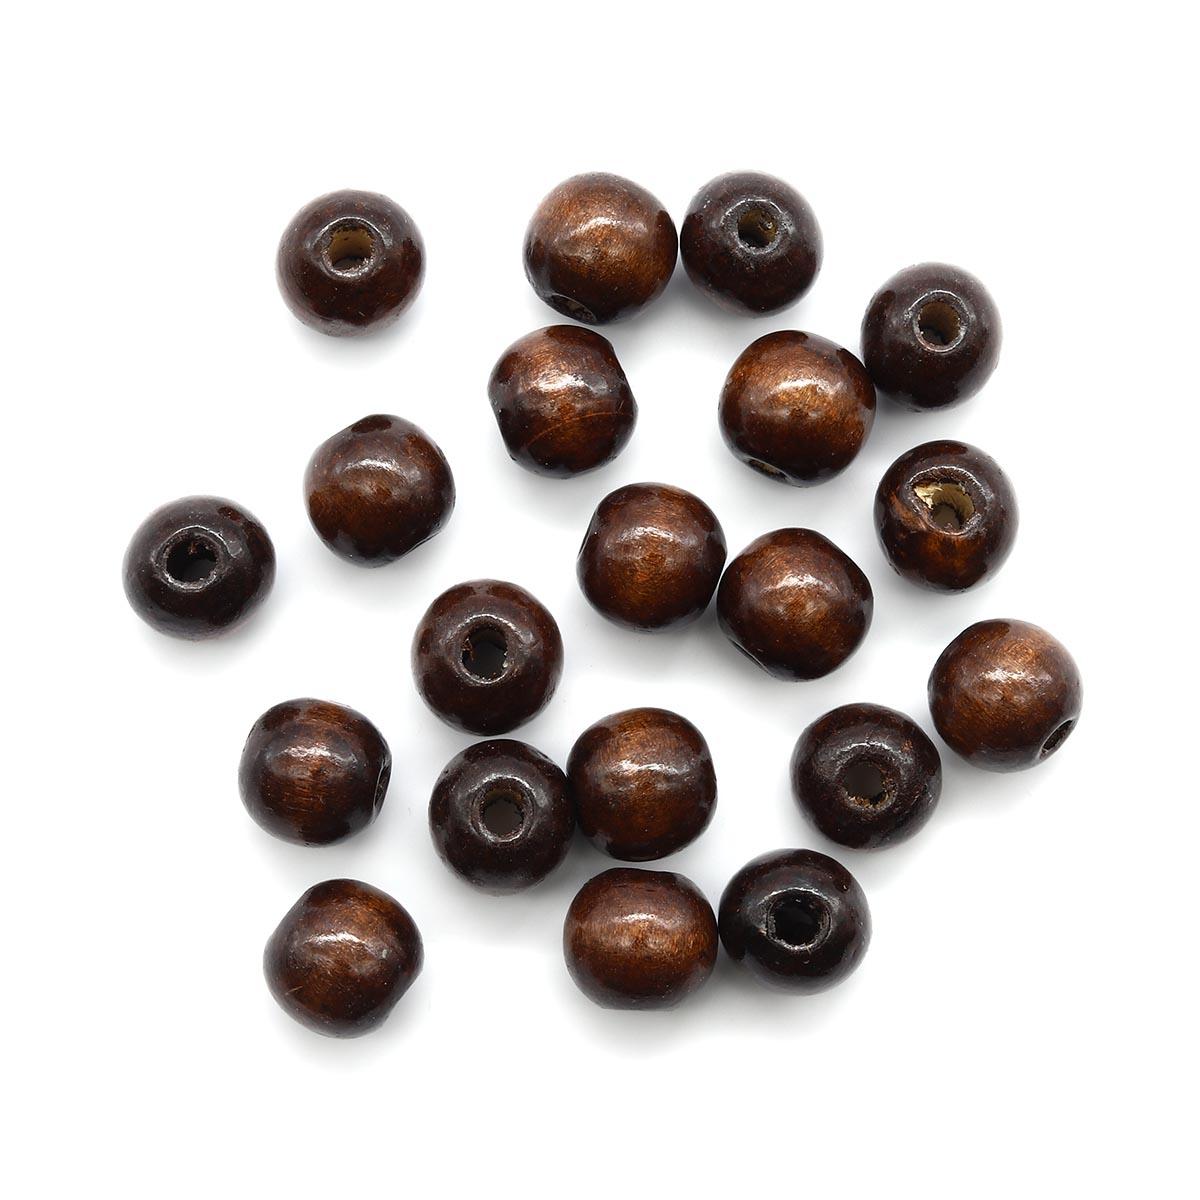 Деревянные бусины круглые, 16 мм, упак./50 гр., 'Астра'